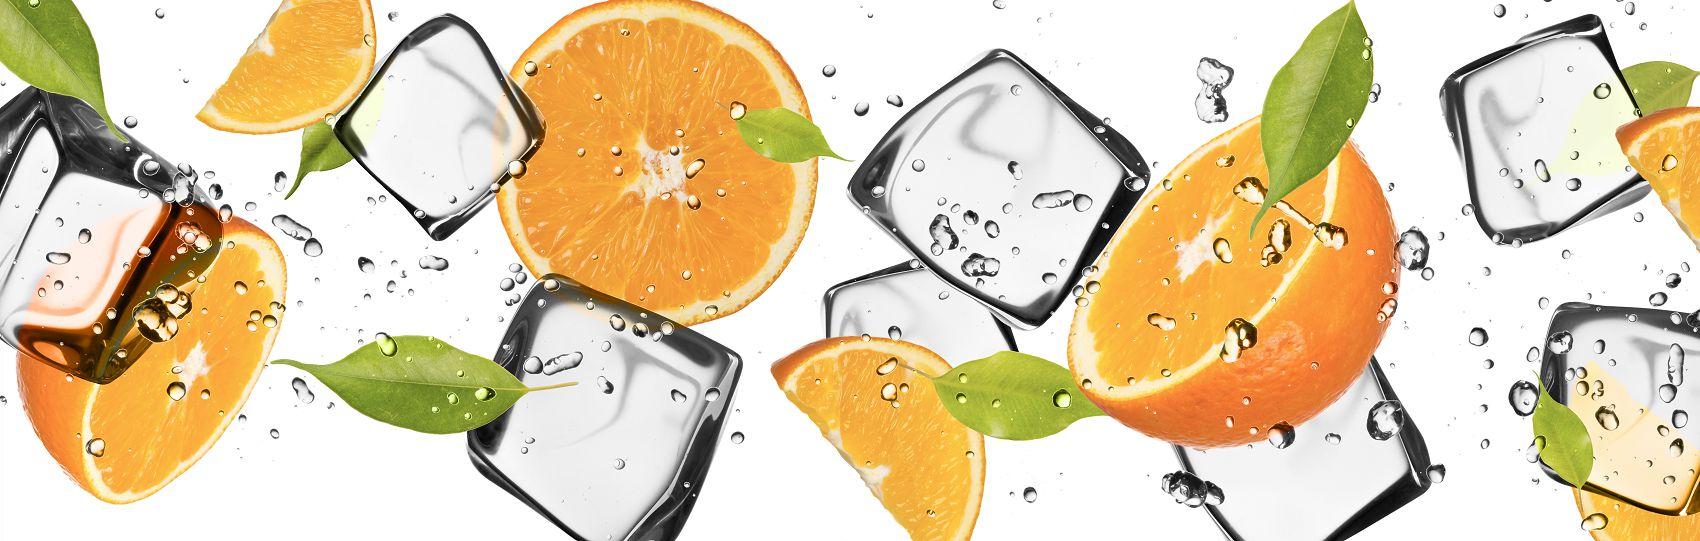 Скинали фрукты с кубиками льда